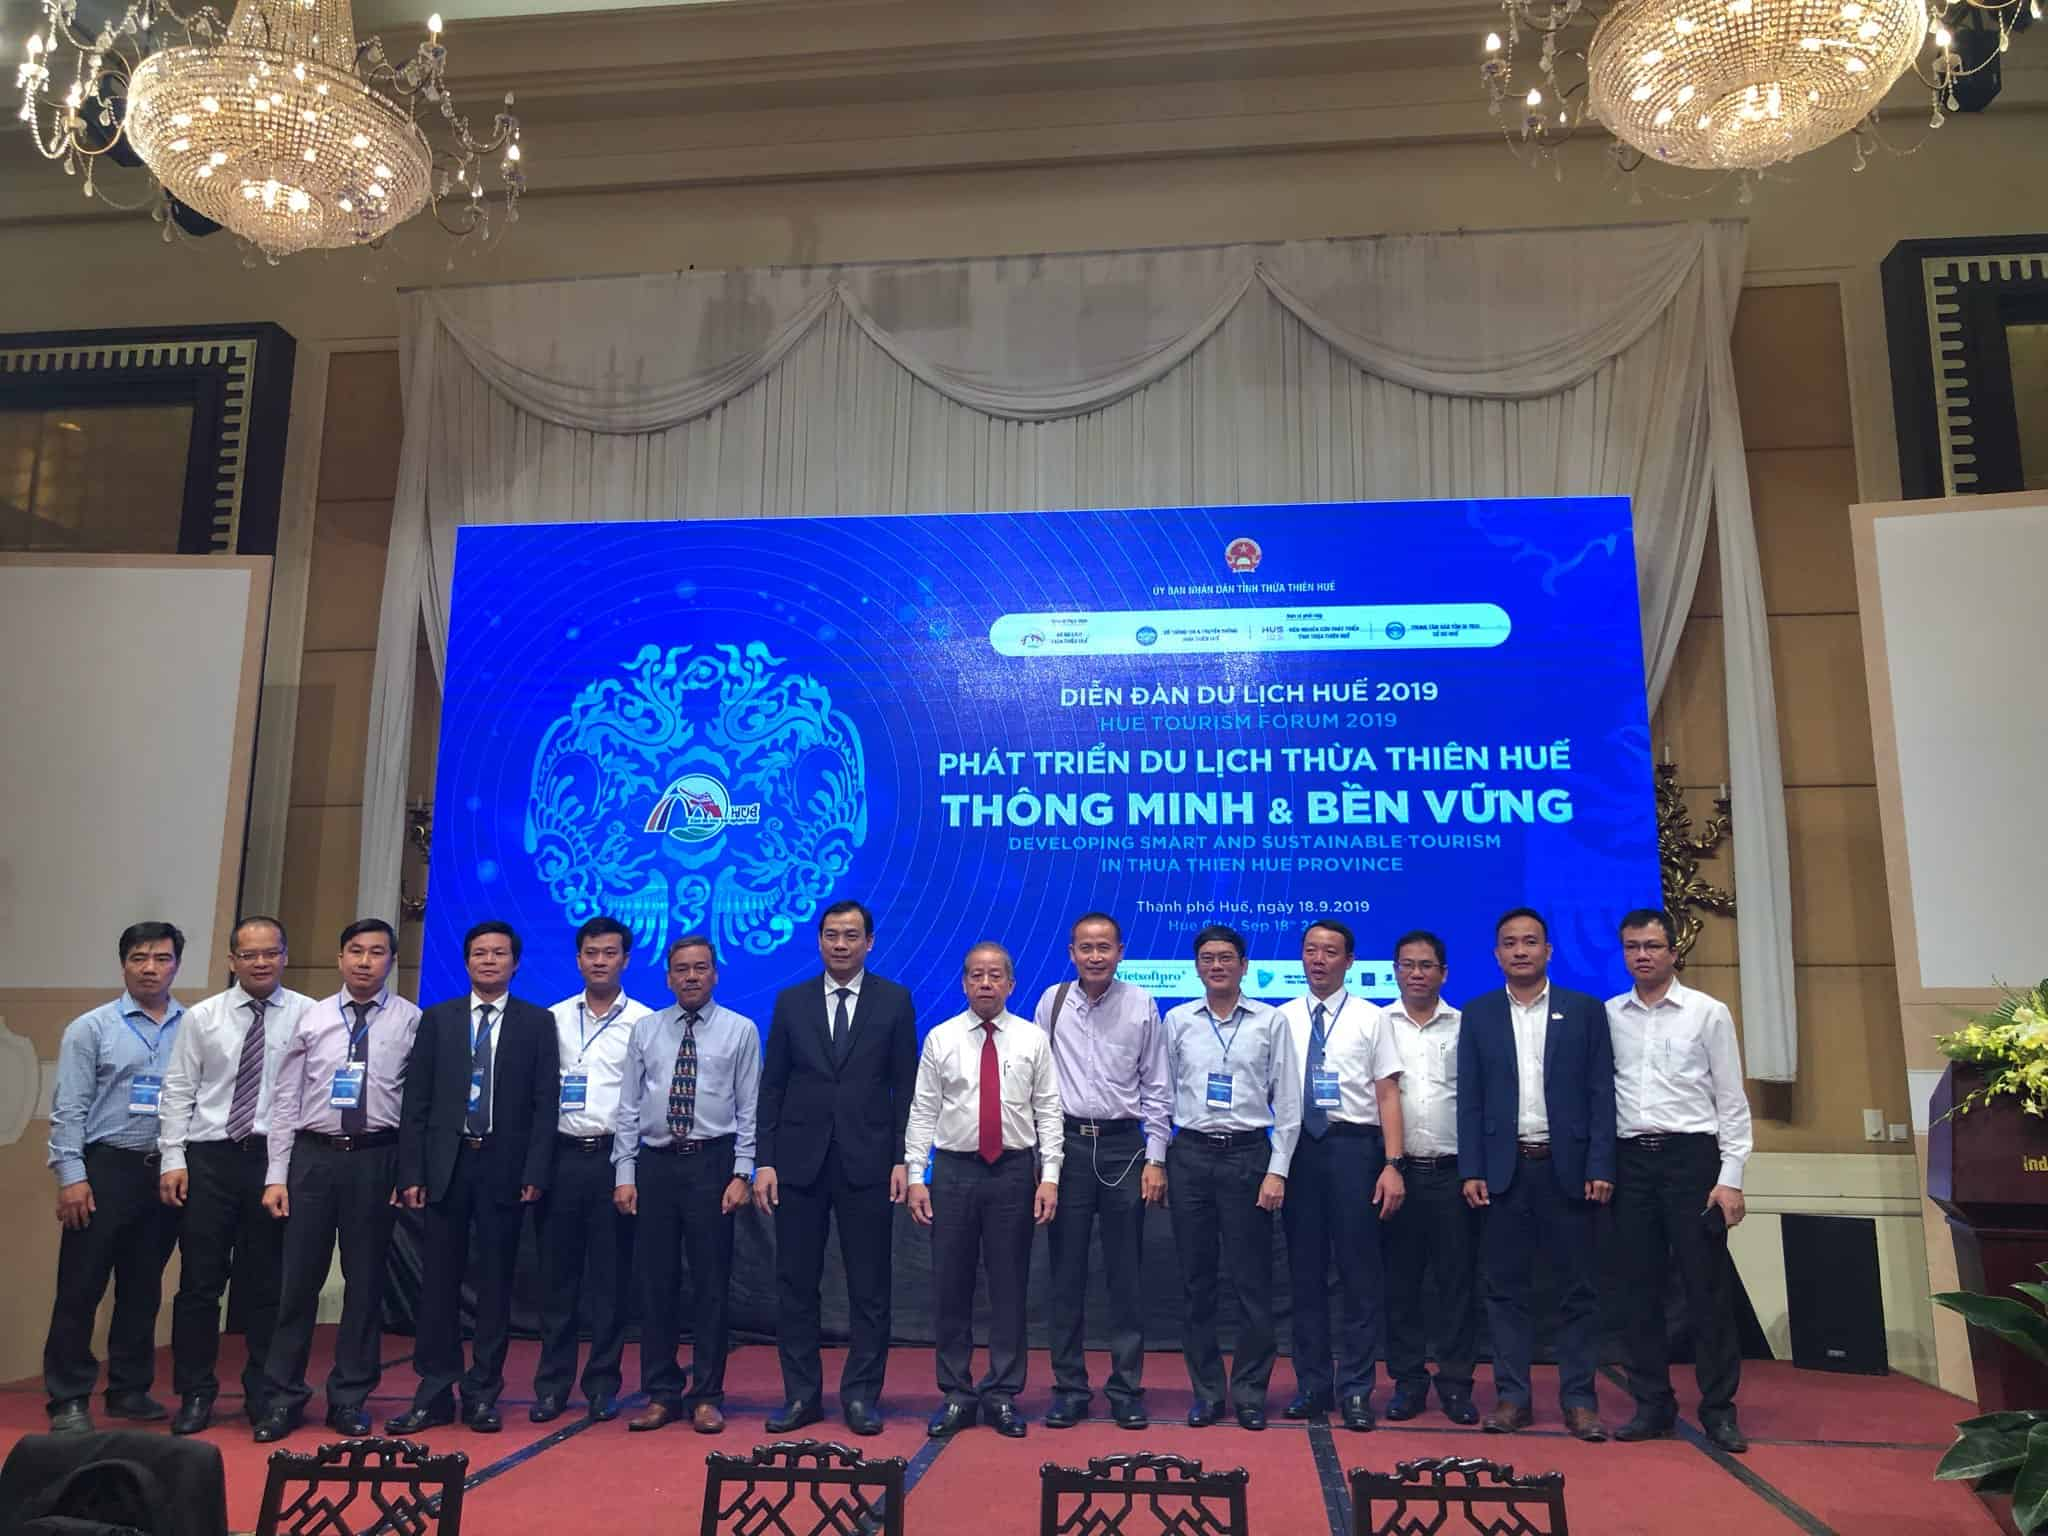 CEO ezCloud trình bày tham luận tại Diễn đàn Du lịch Huế 2019